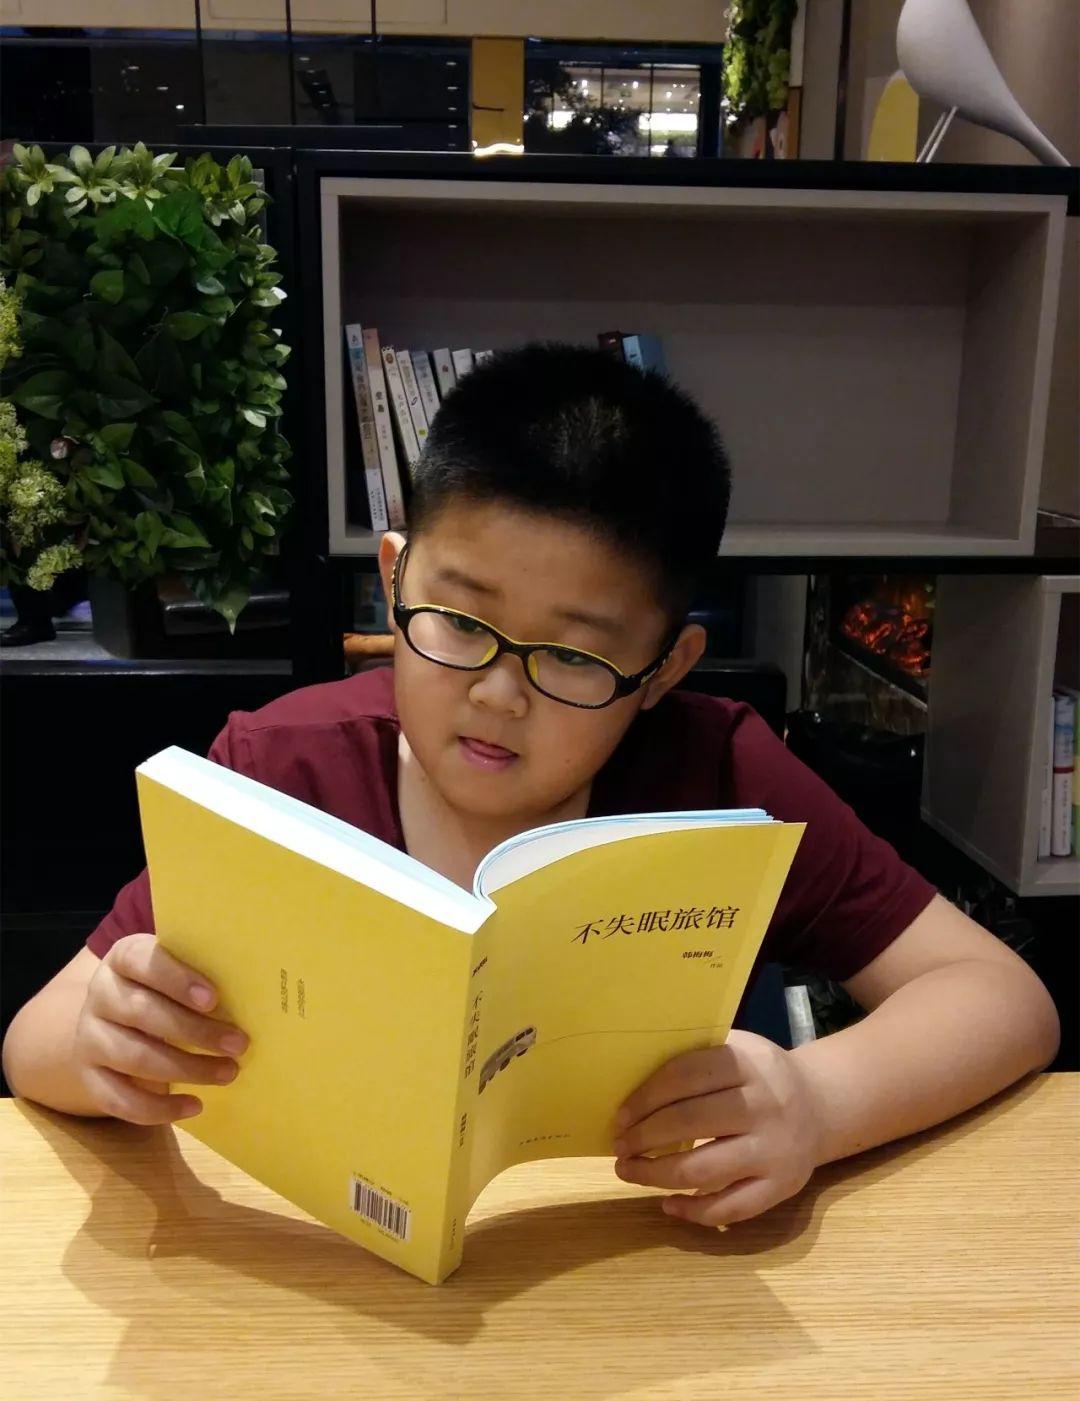 家长来稿 | 谁说编程只适合科技迷?10岁文艺小子轻松玩转!